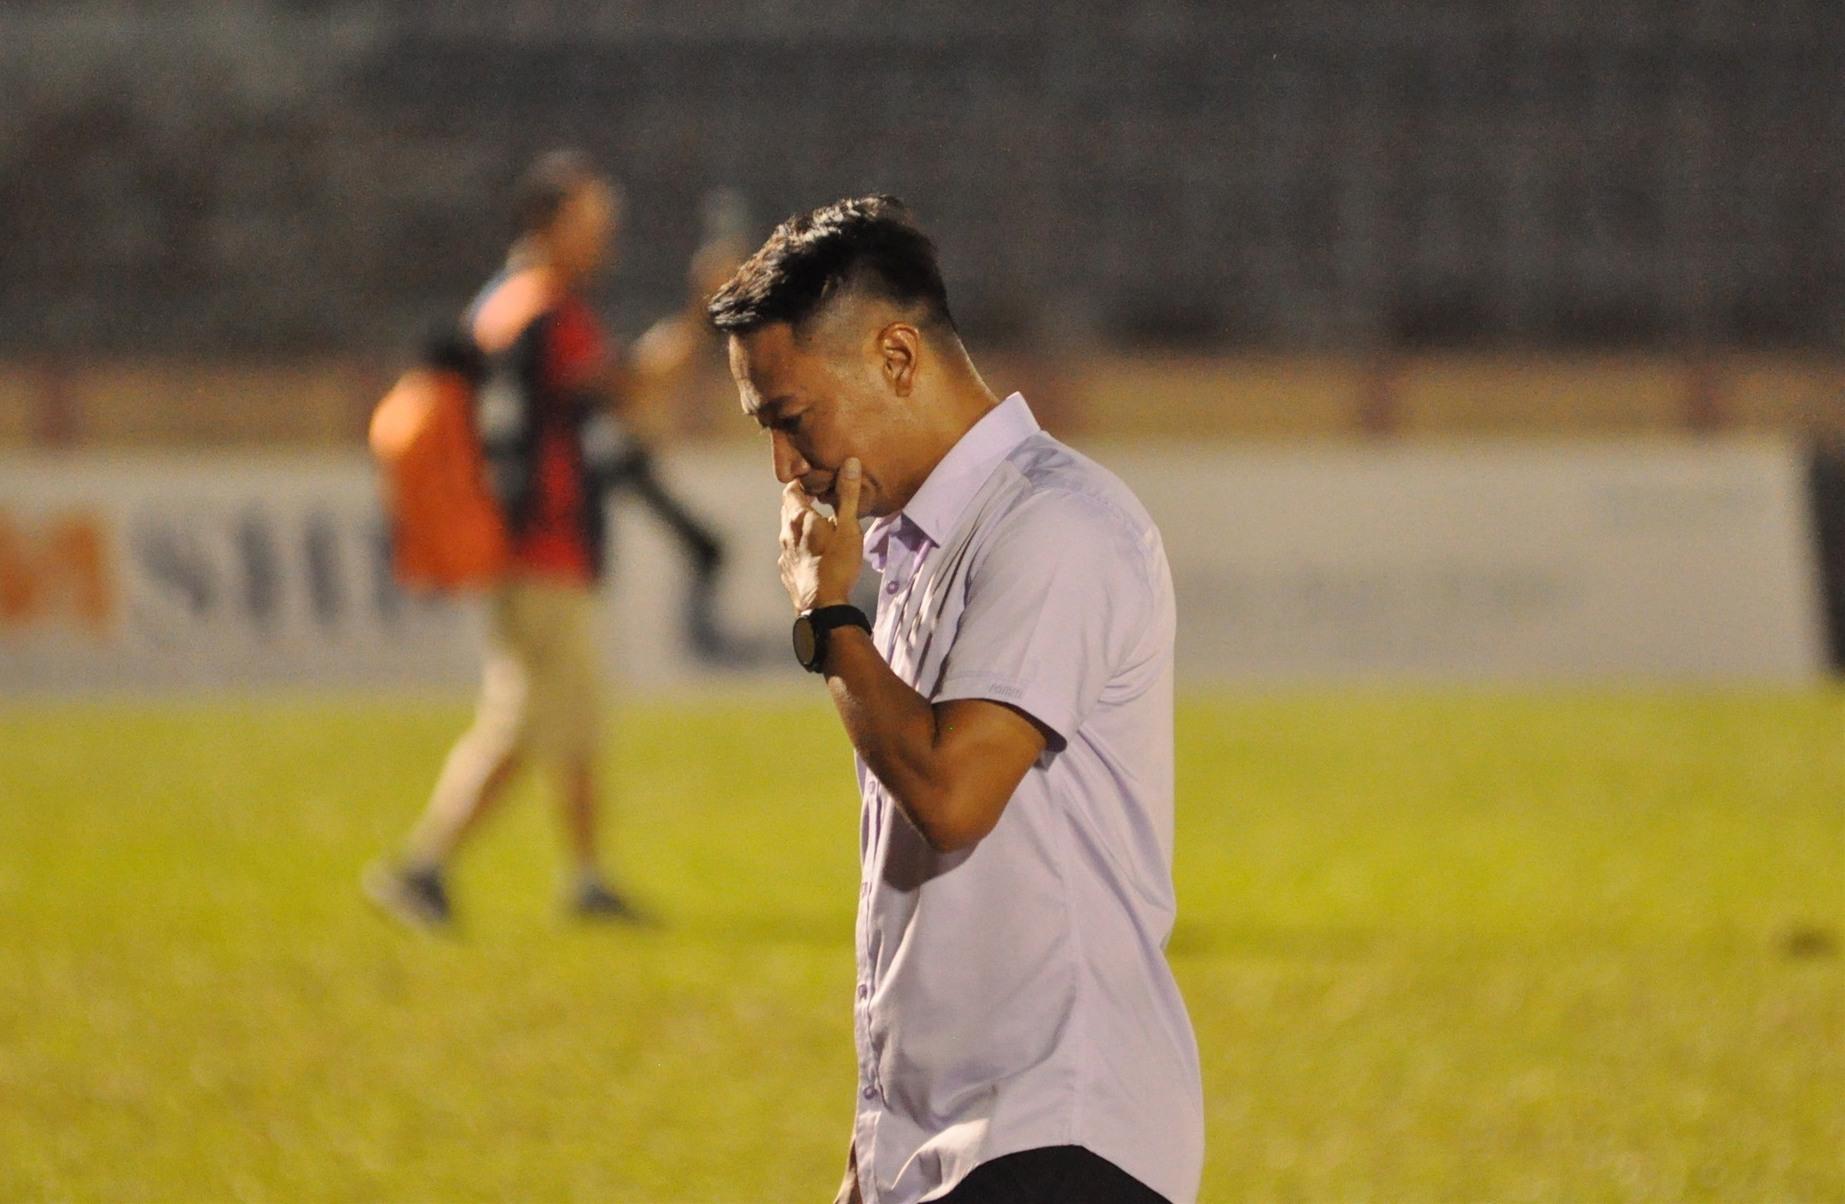 Nỗi buồn thua 4 trận liên tiếp của HLV Vũ Hồng Việt. Ảnh: T.V